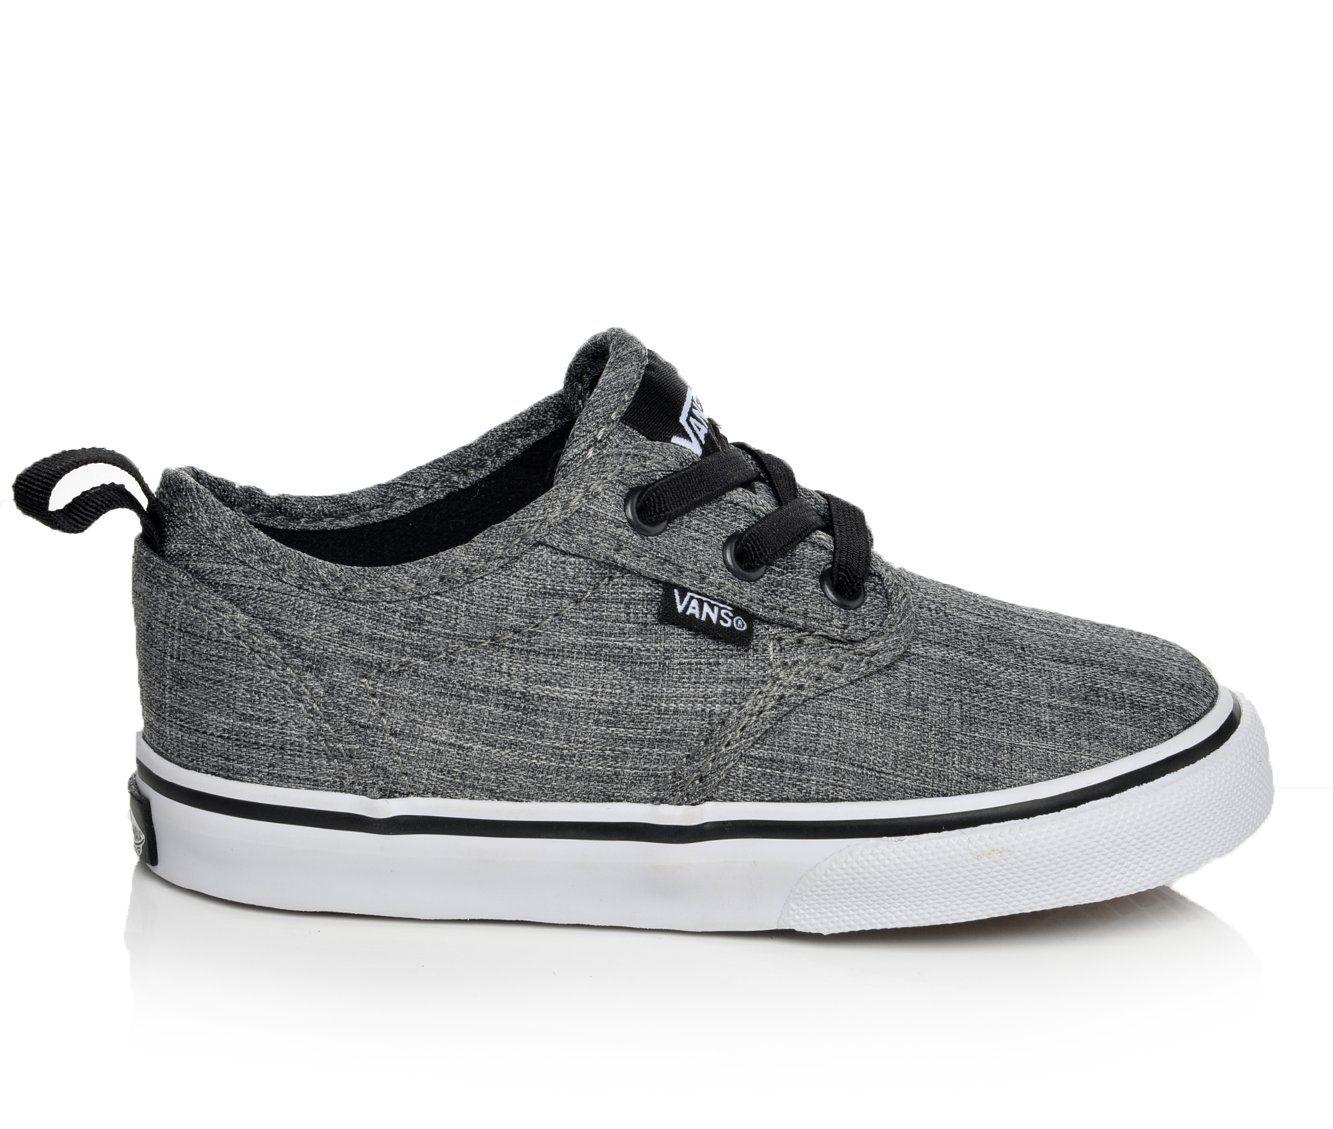 Boys' Vans Atwood Slip-On Sneakers (Grey)